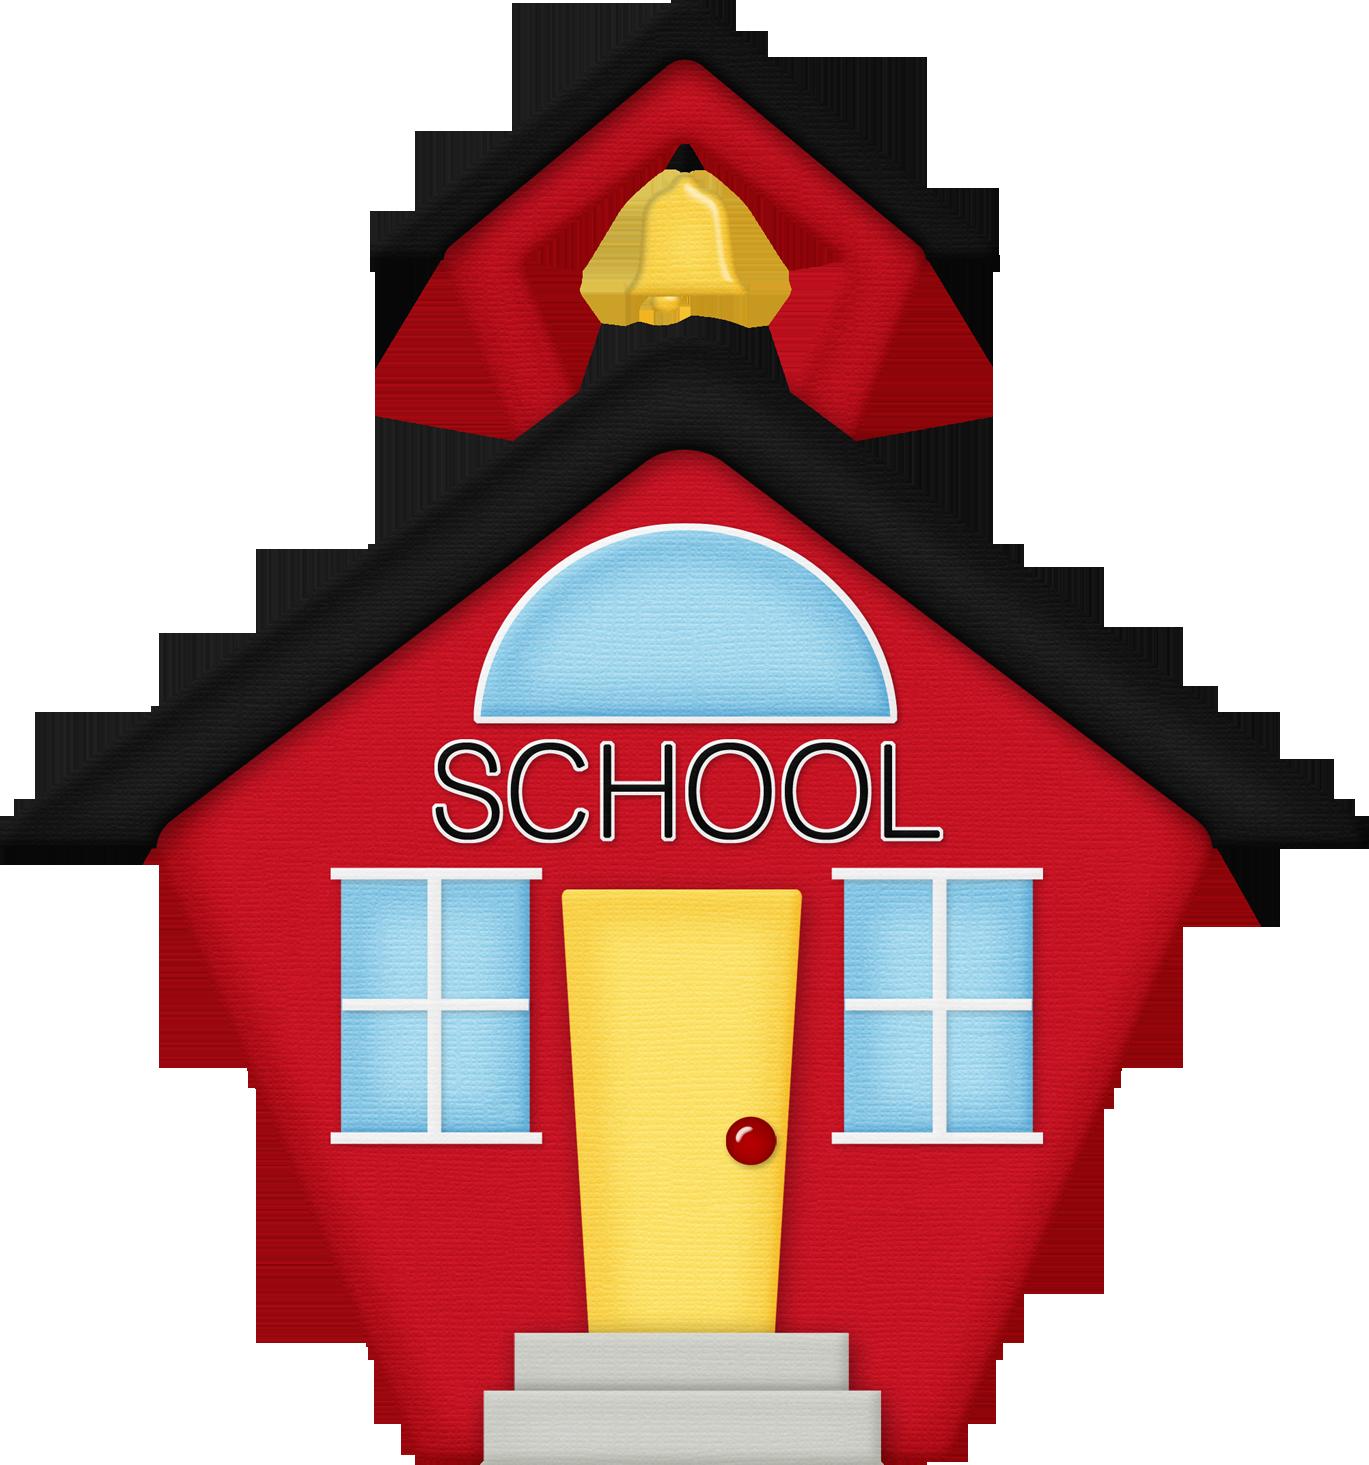 Schoolhouse Clipart - Schoolhouse Clipart